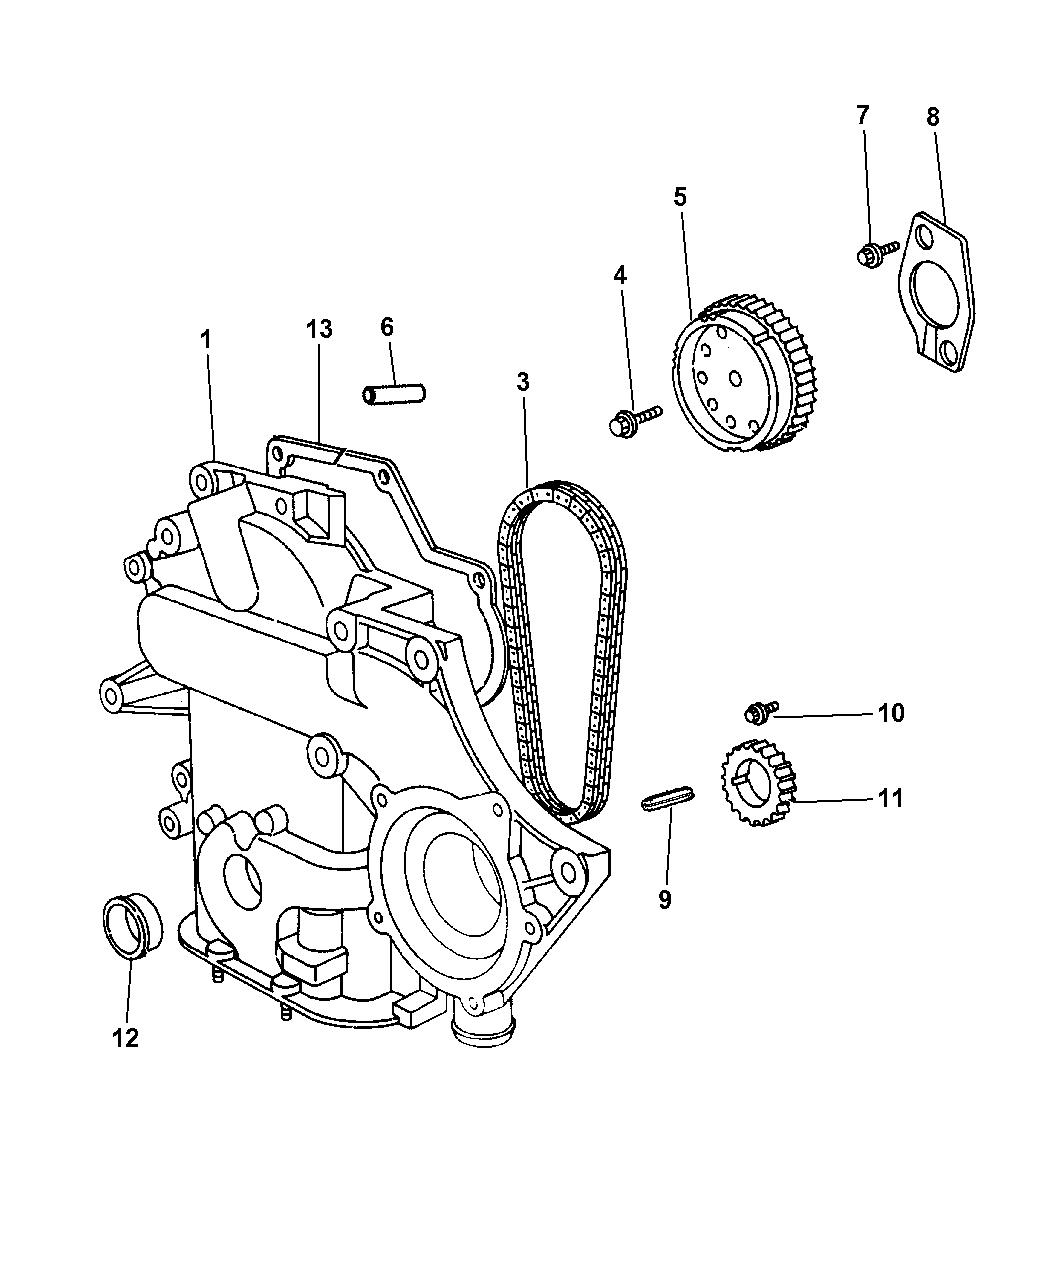 2004 Dodge Grand Caravan Timing Chain Cover Mopar Parts Giant Engine Schematics Thumbnail 1